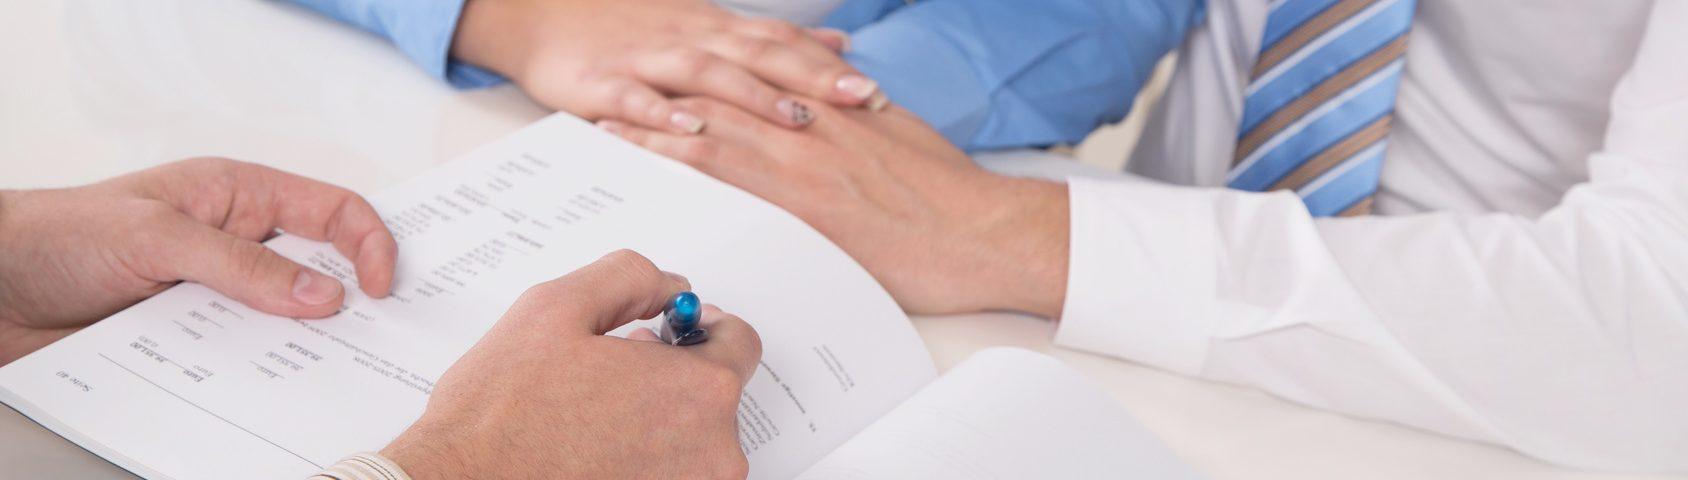 Ausführliche Beratung in Versicherungsthemen